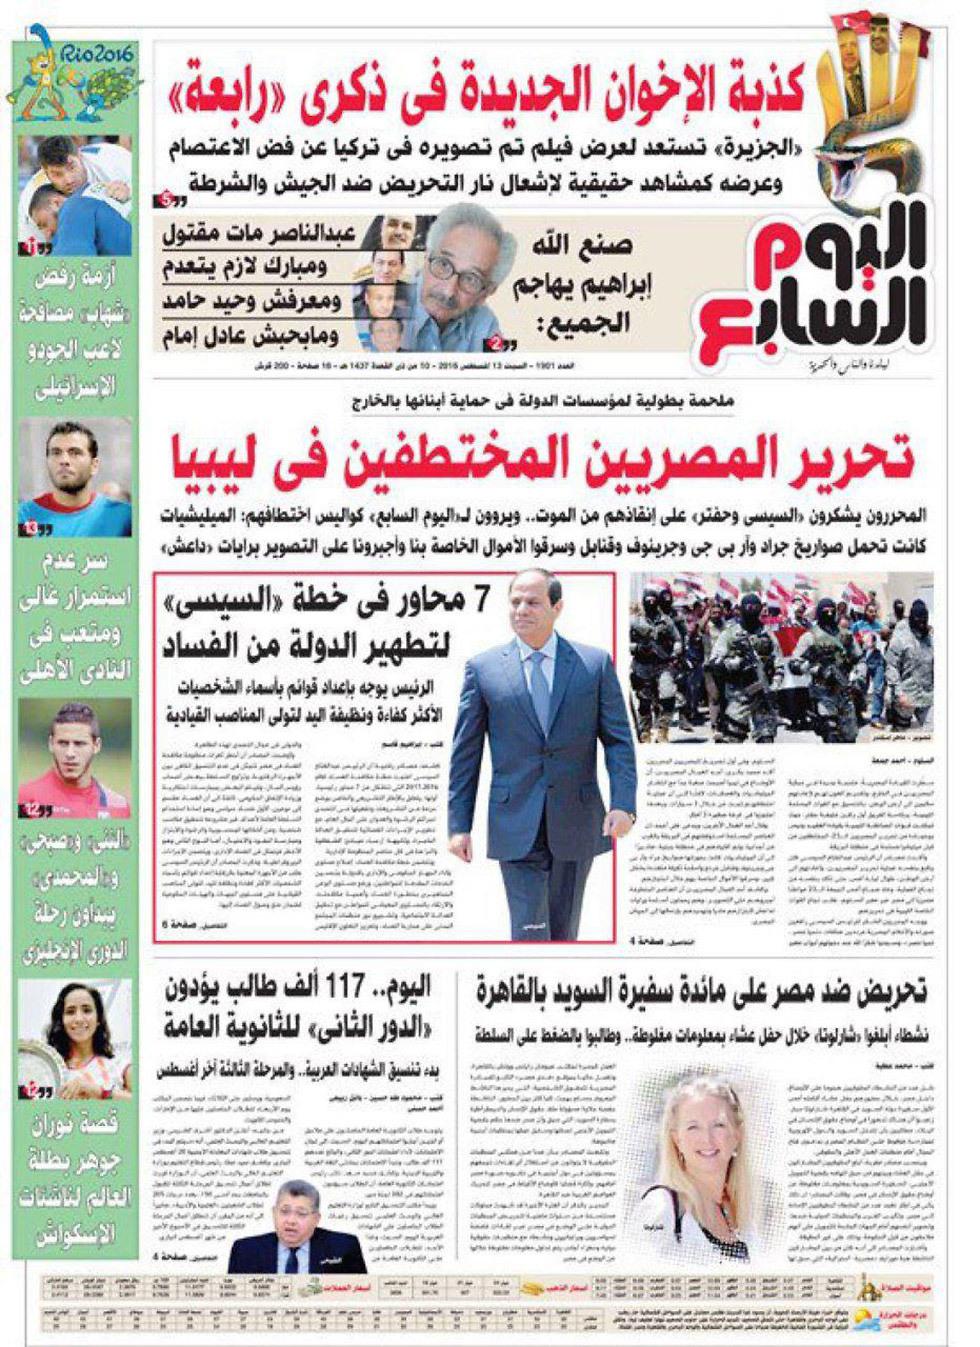 אל-יום א-סאבע מדווח על הסיפור בצד שמאל ()